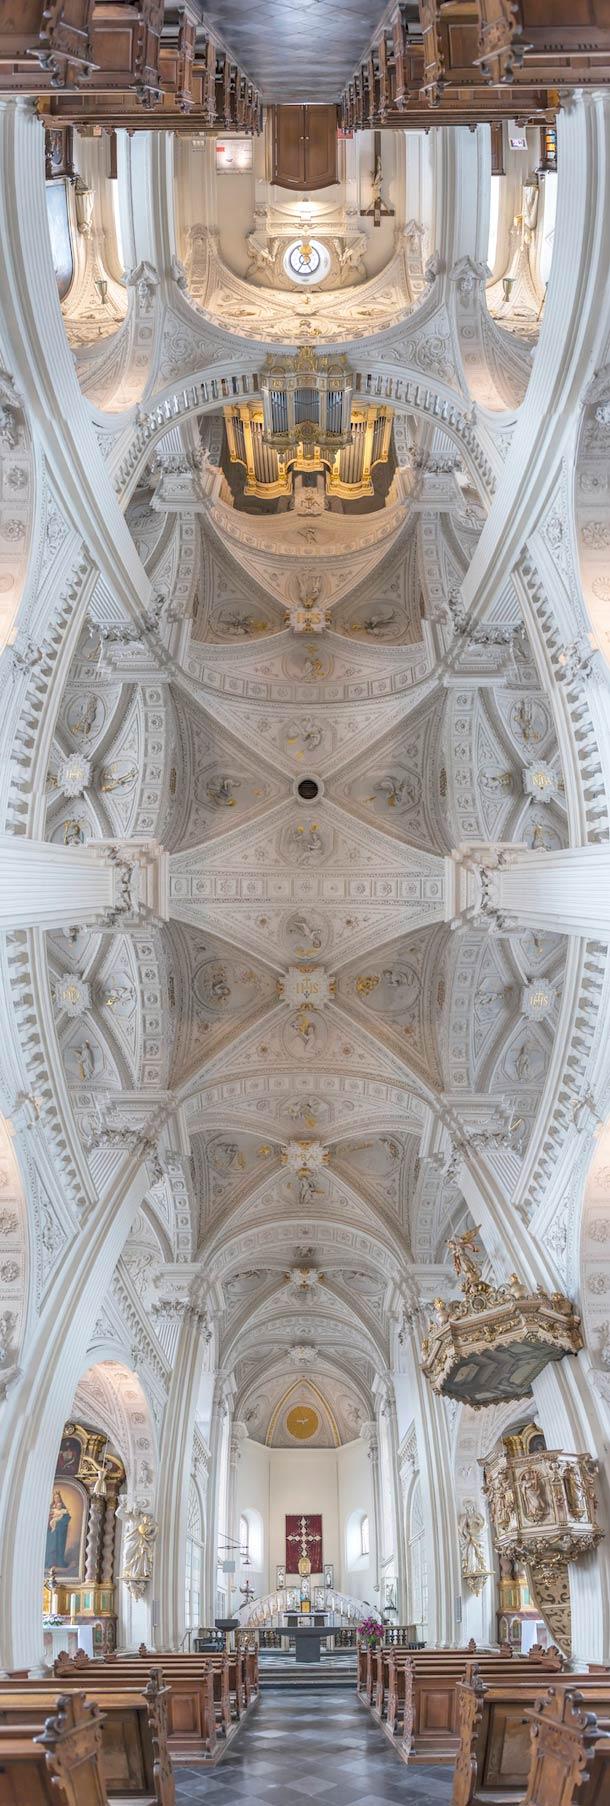 Panorama foto van een kerk